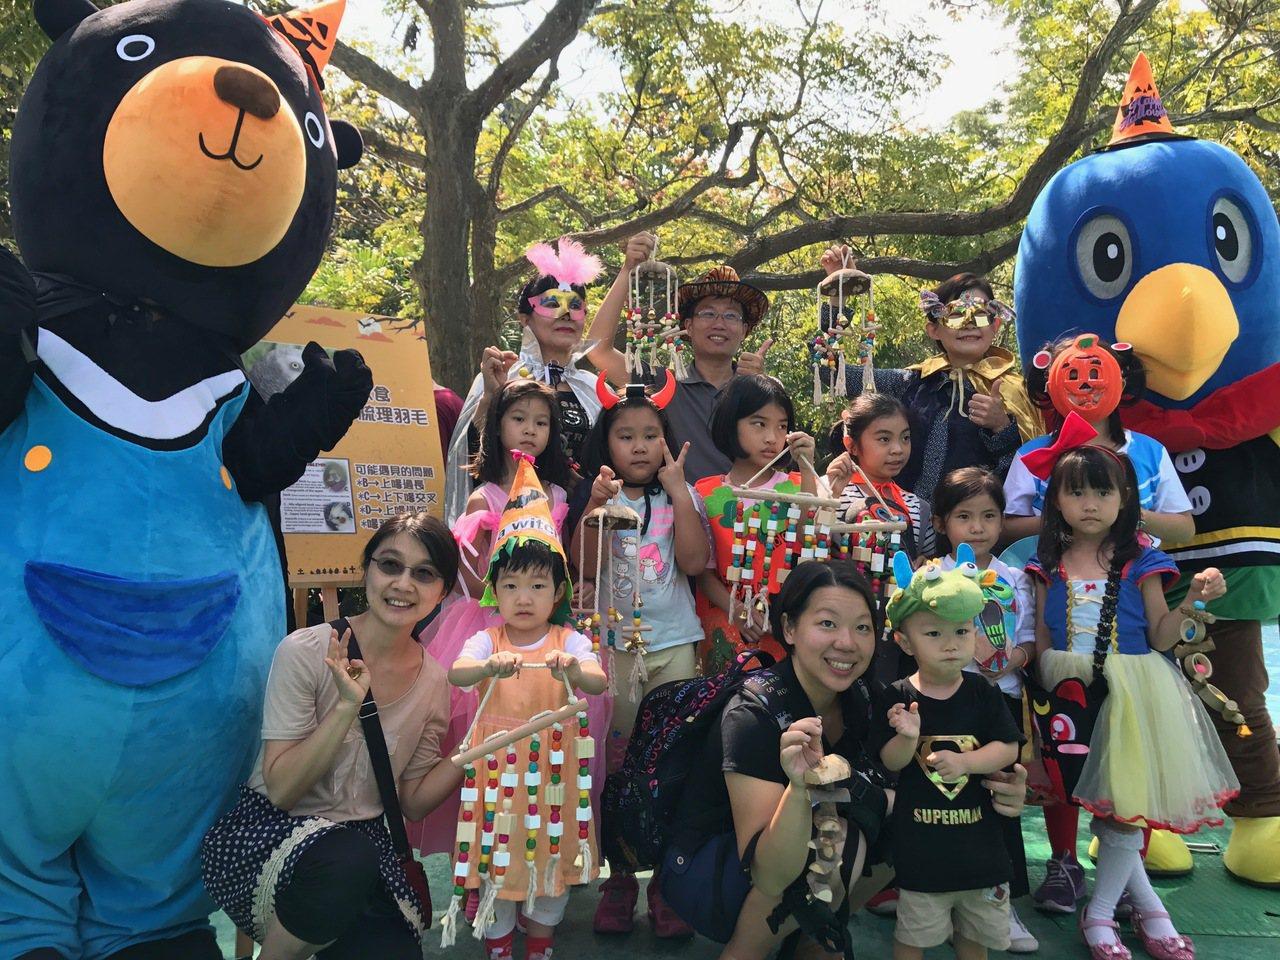 高雄市壽山動物園今天歡慶萬聖節,舉辦「健康灰鸚鵡 頭好壯壯靠搗蛋」活動,民眾超級...